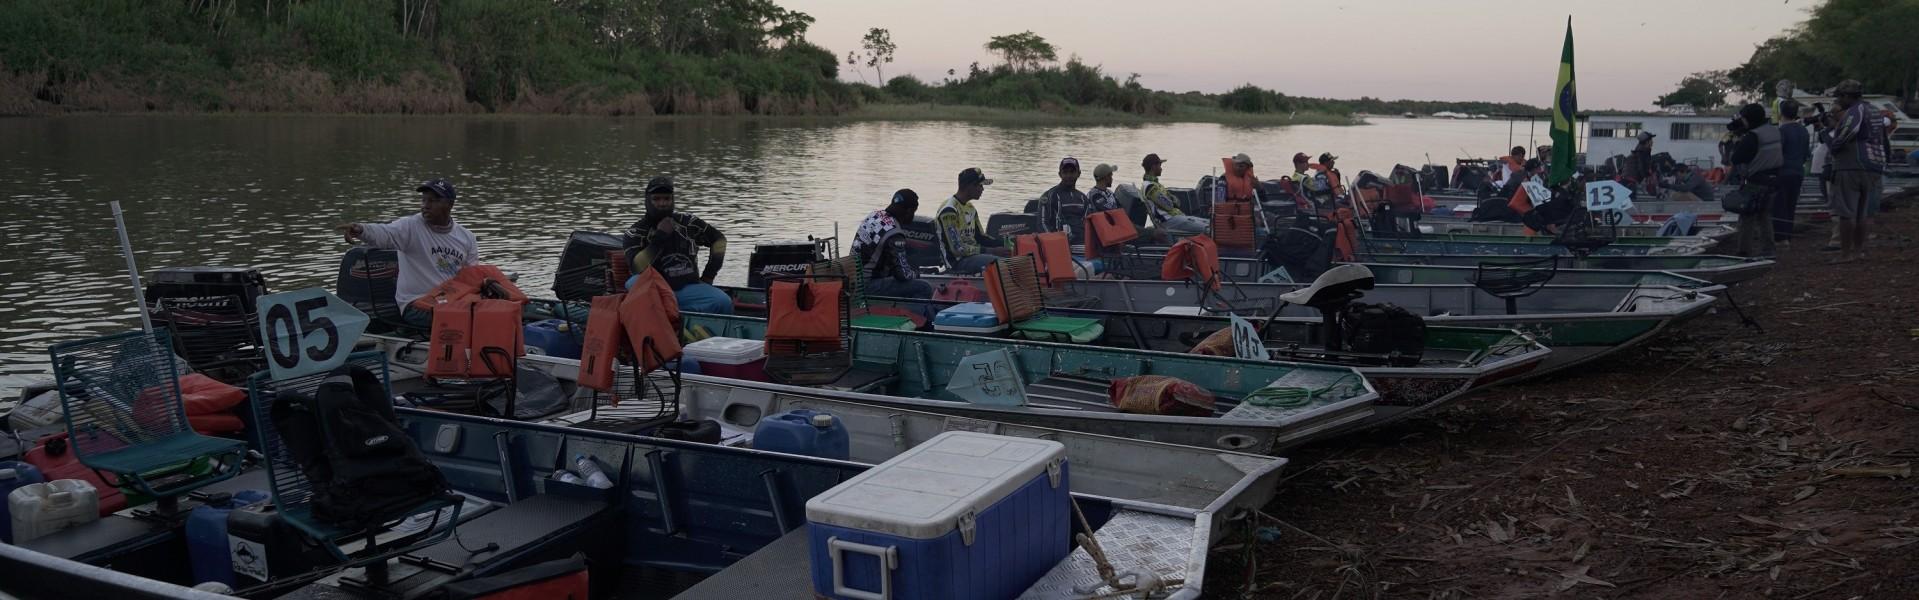 Barcos prontos para a ação na pesca esportiva